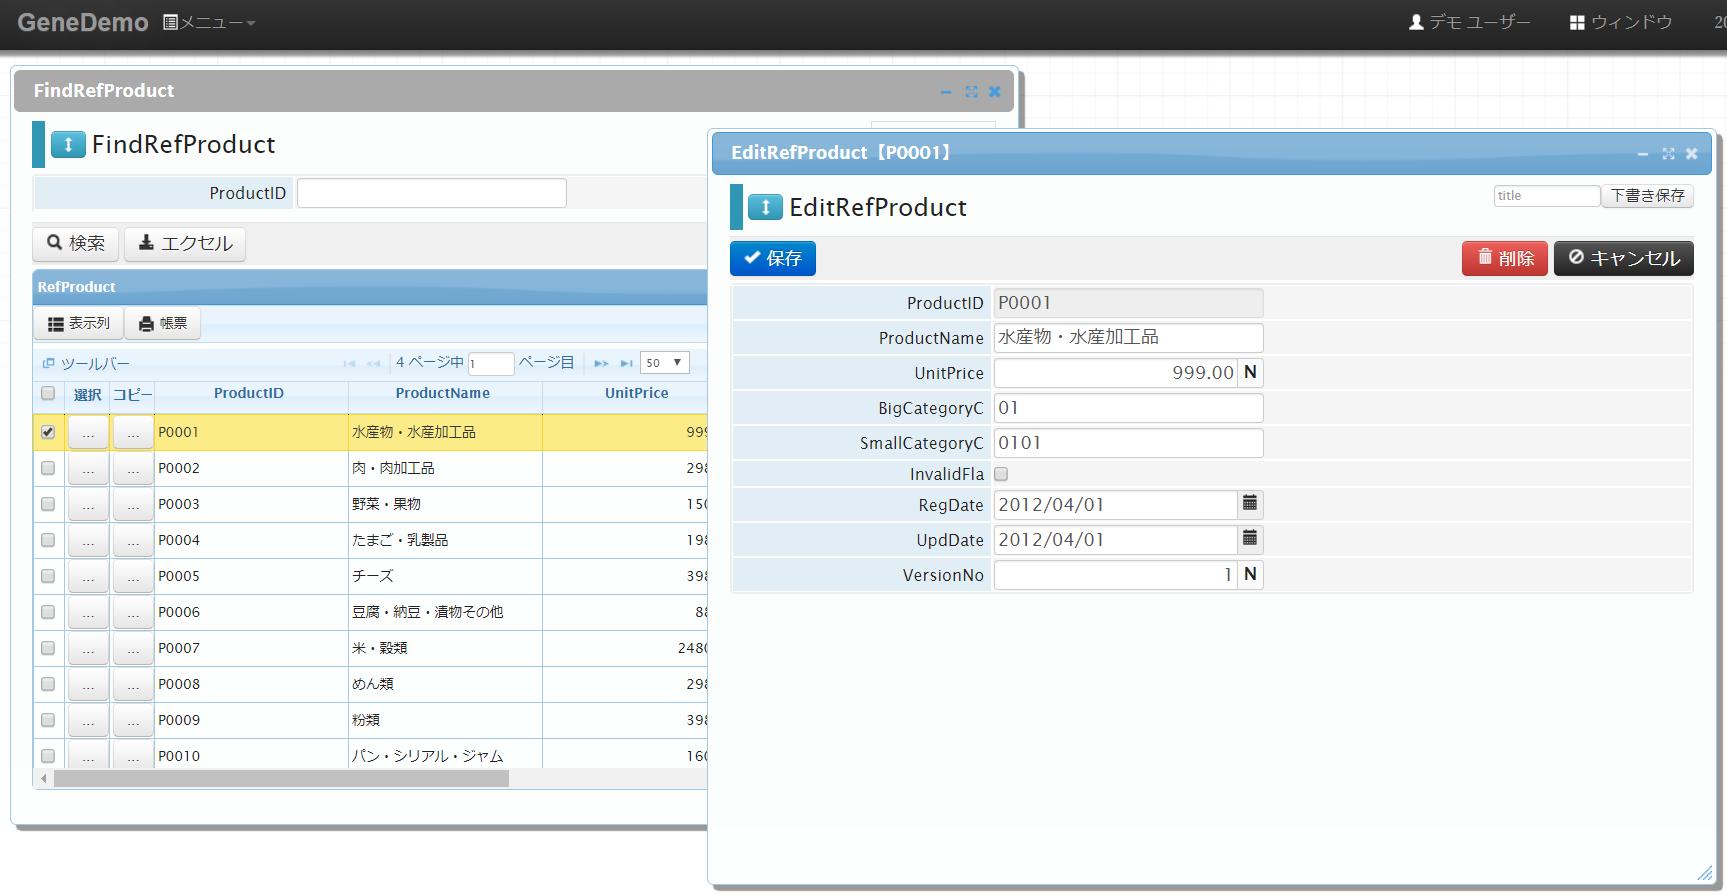 生成されるWeb画面はSPA(Single Page Application)